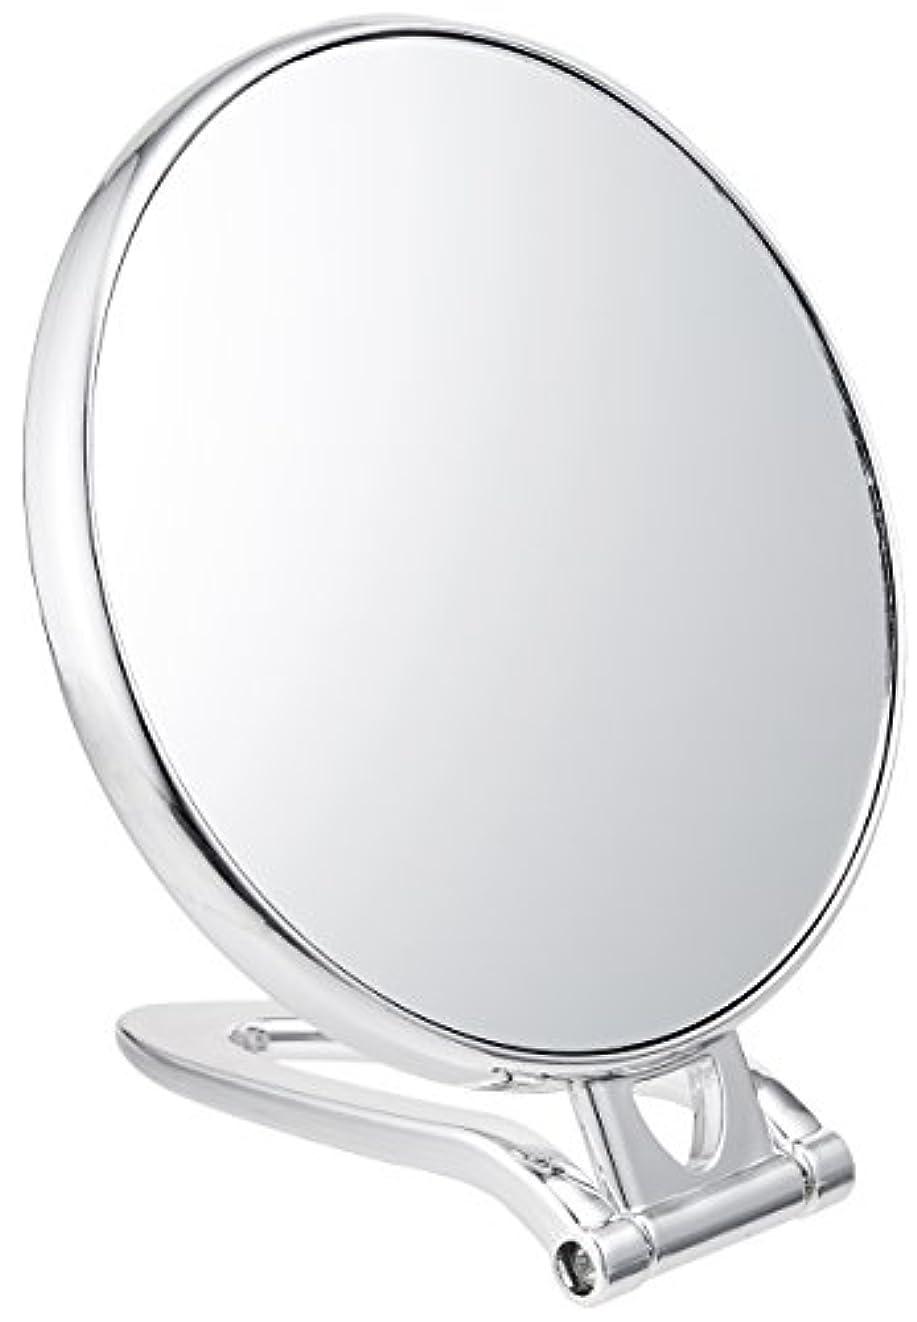 シャックル名門仕事に行く拡大鏡付スタンドミラー(約2倍)シルバー